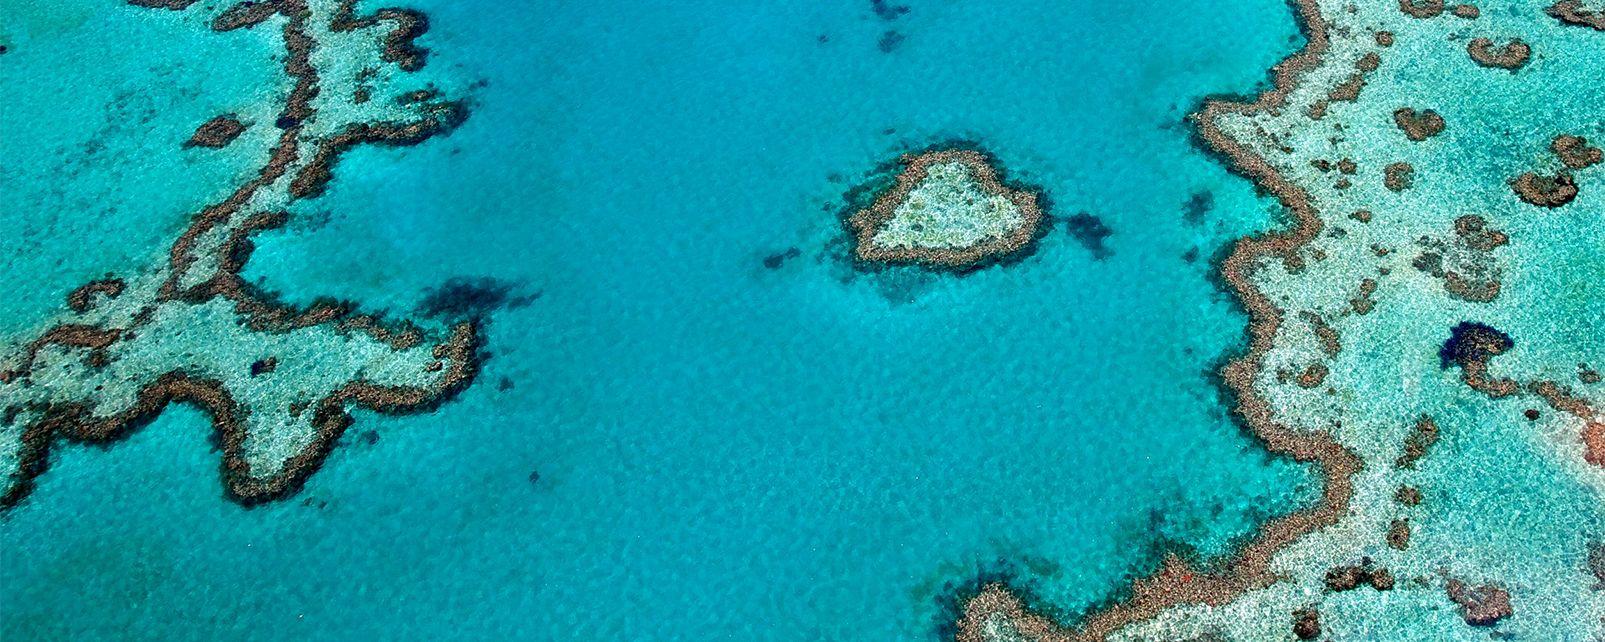 La gran barrera de coral , Australia